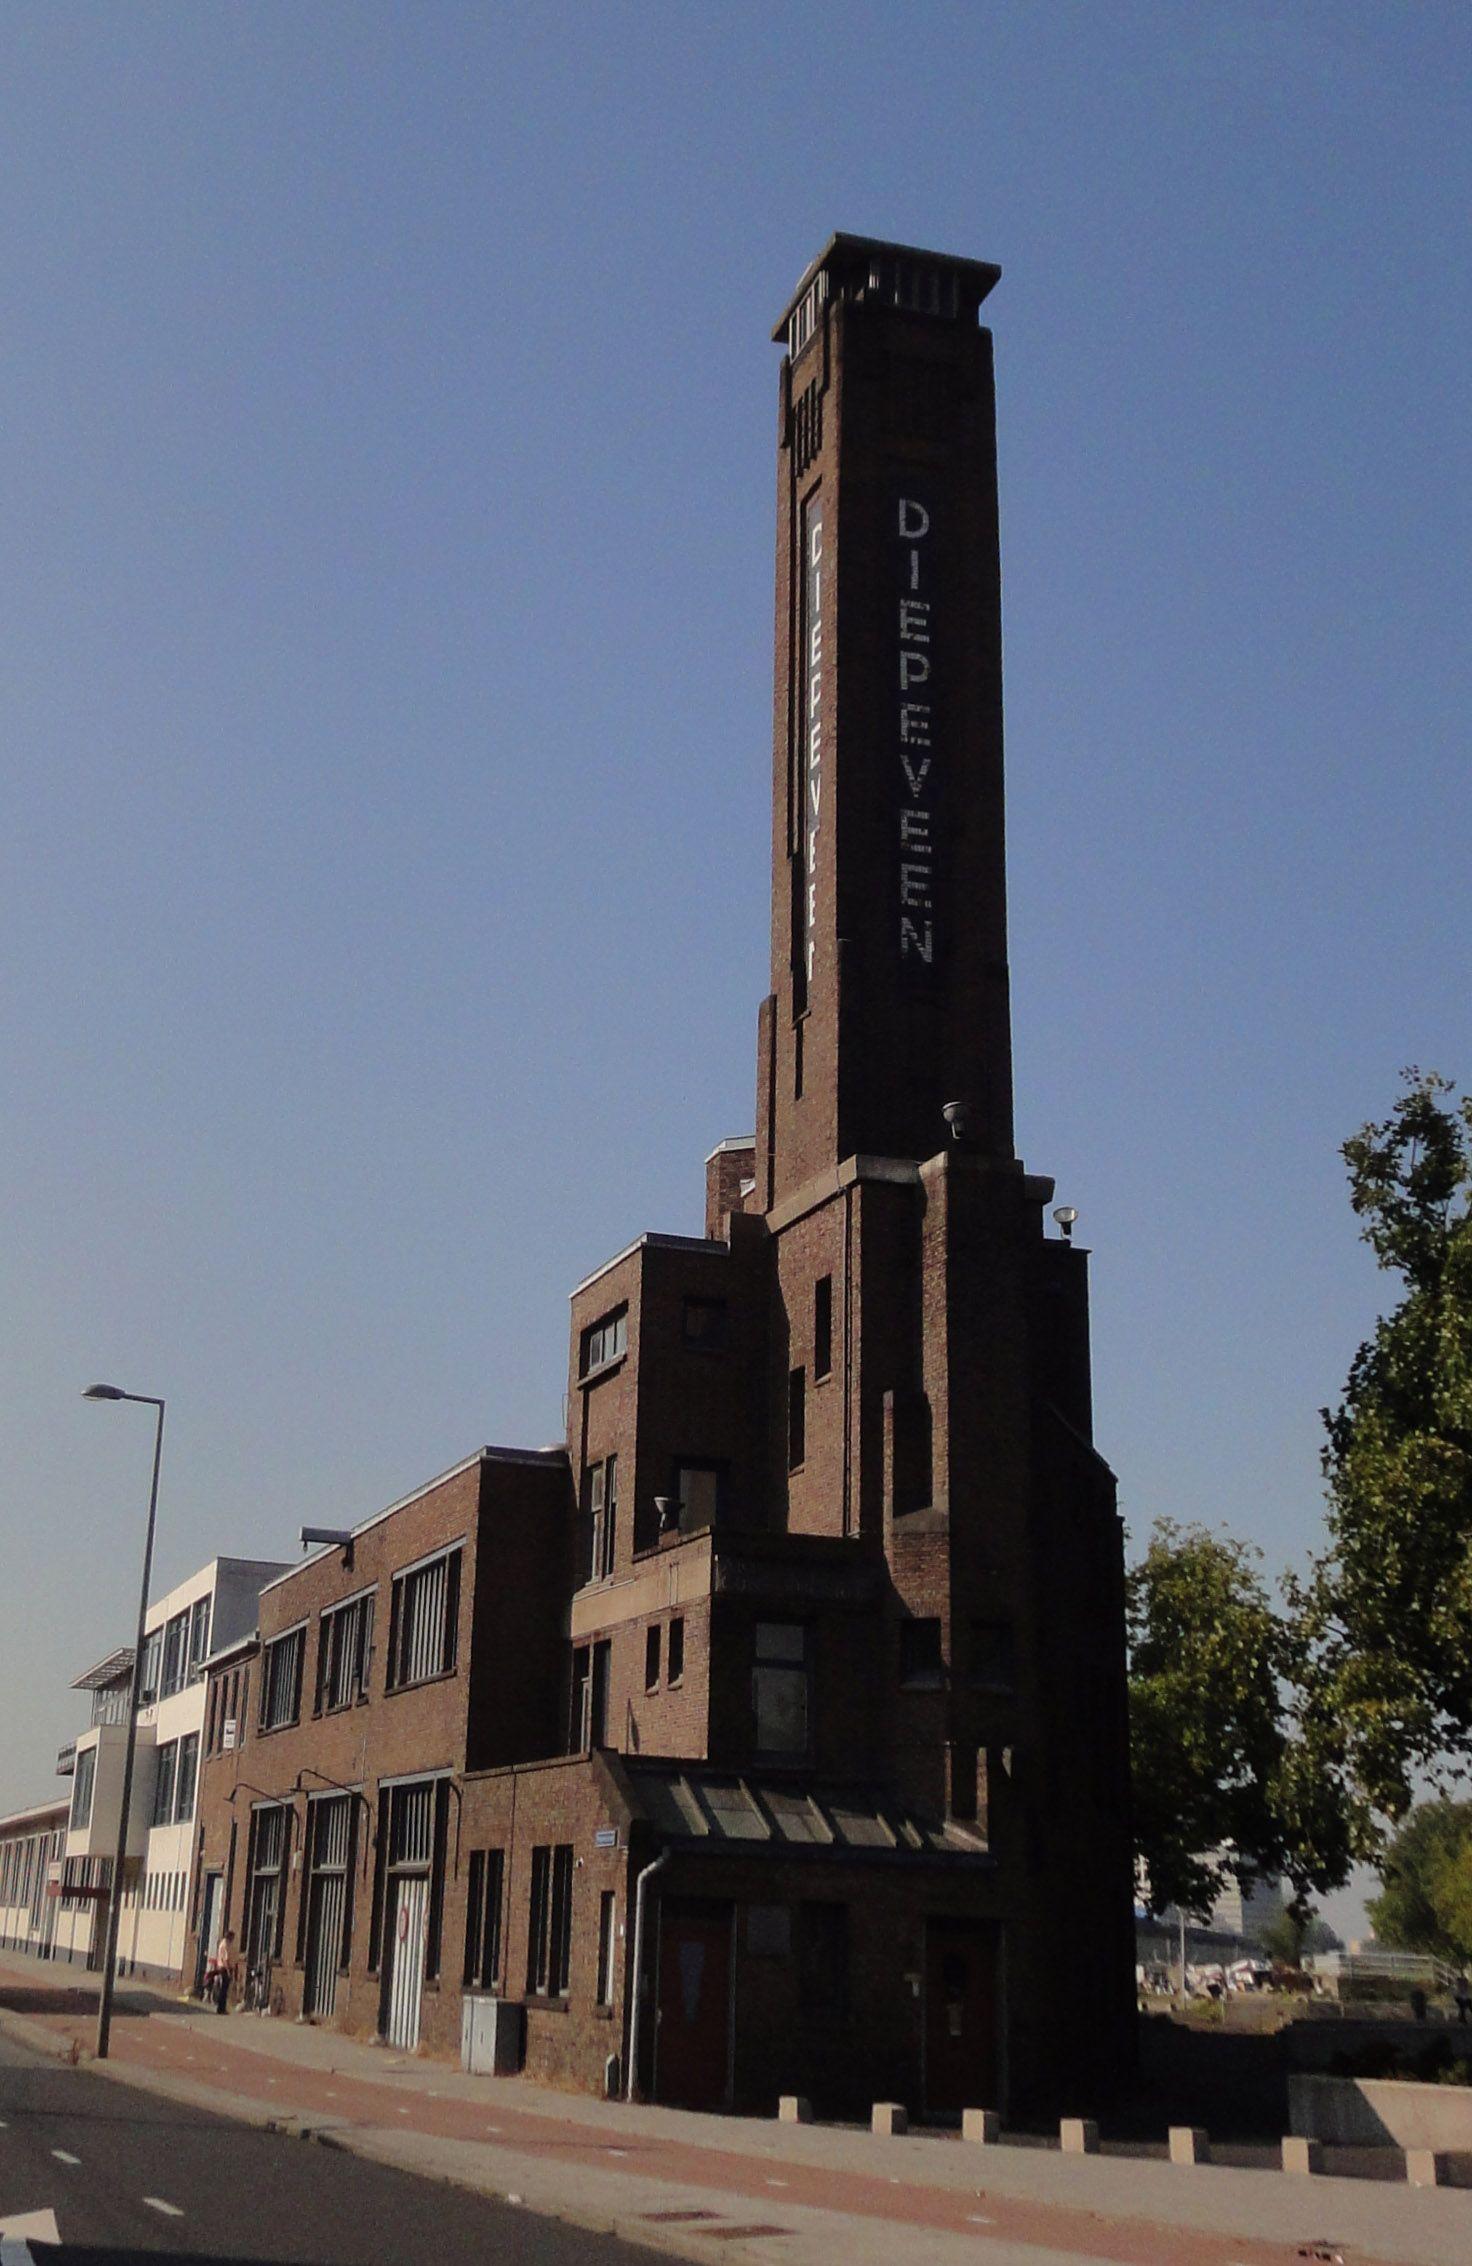 Voormalig kantoor diepeveen in rotterdam monument - Photo deco kantoor ...